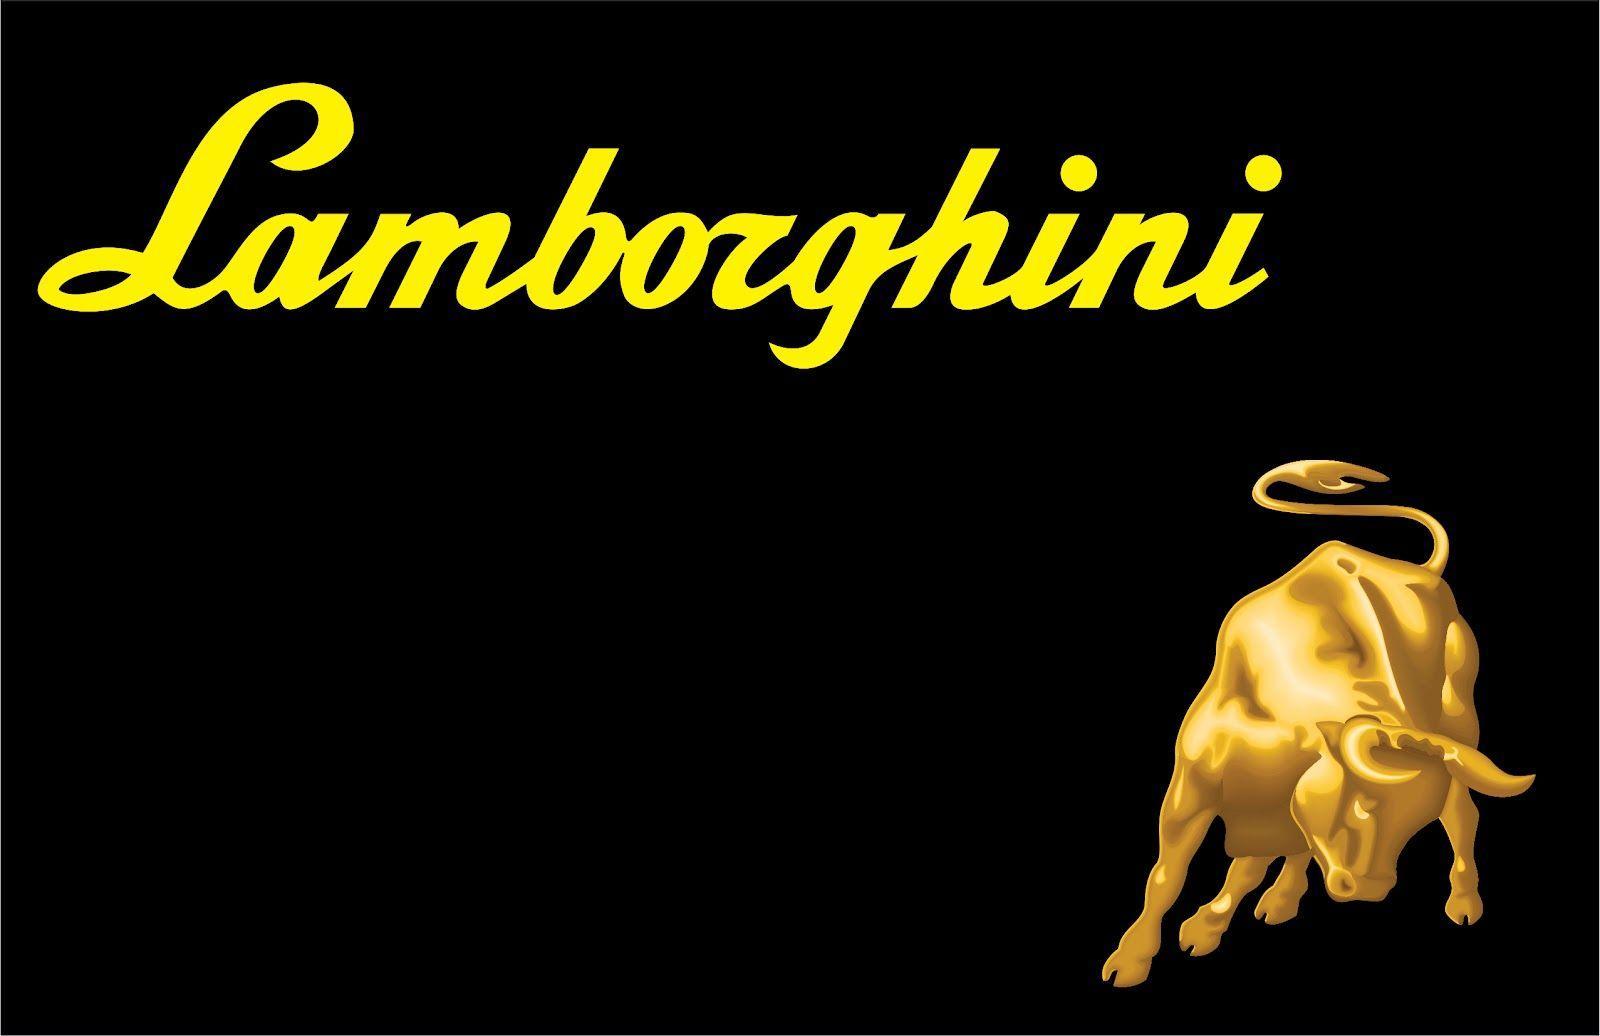 Lamborghini Logo Wallpapers - Wallpaper Cave